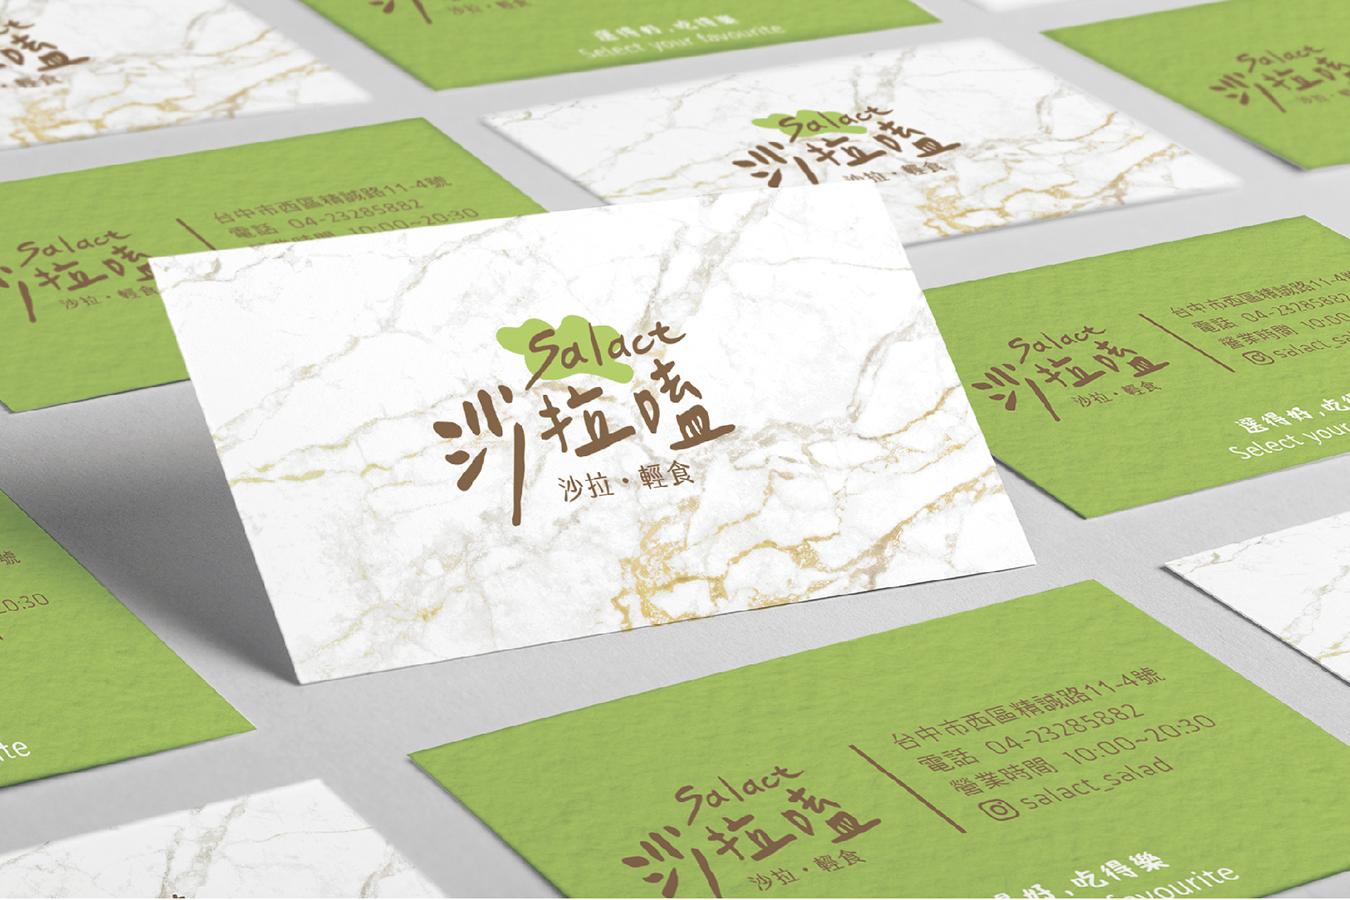 「沙拉嗑」餐飲品牌設計專案